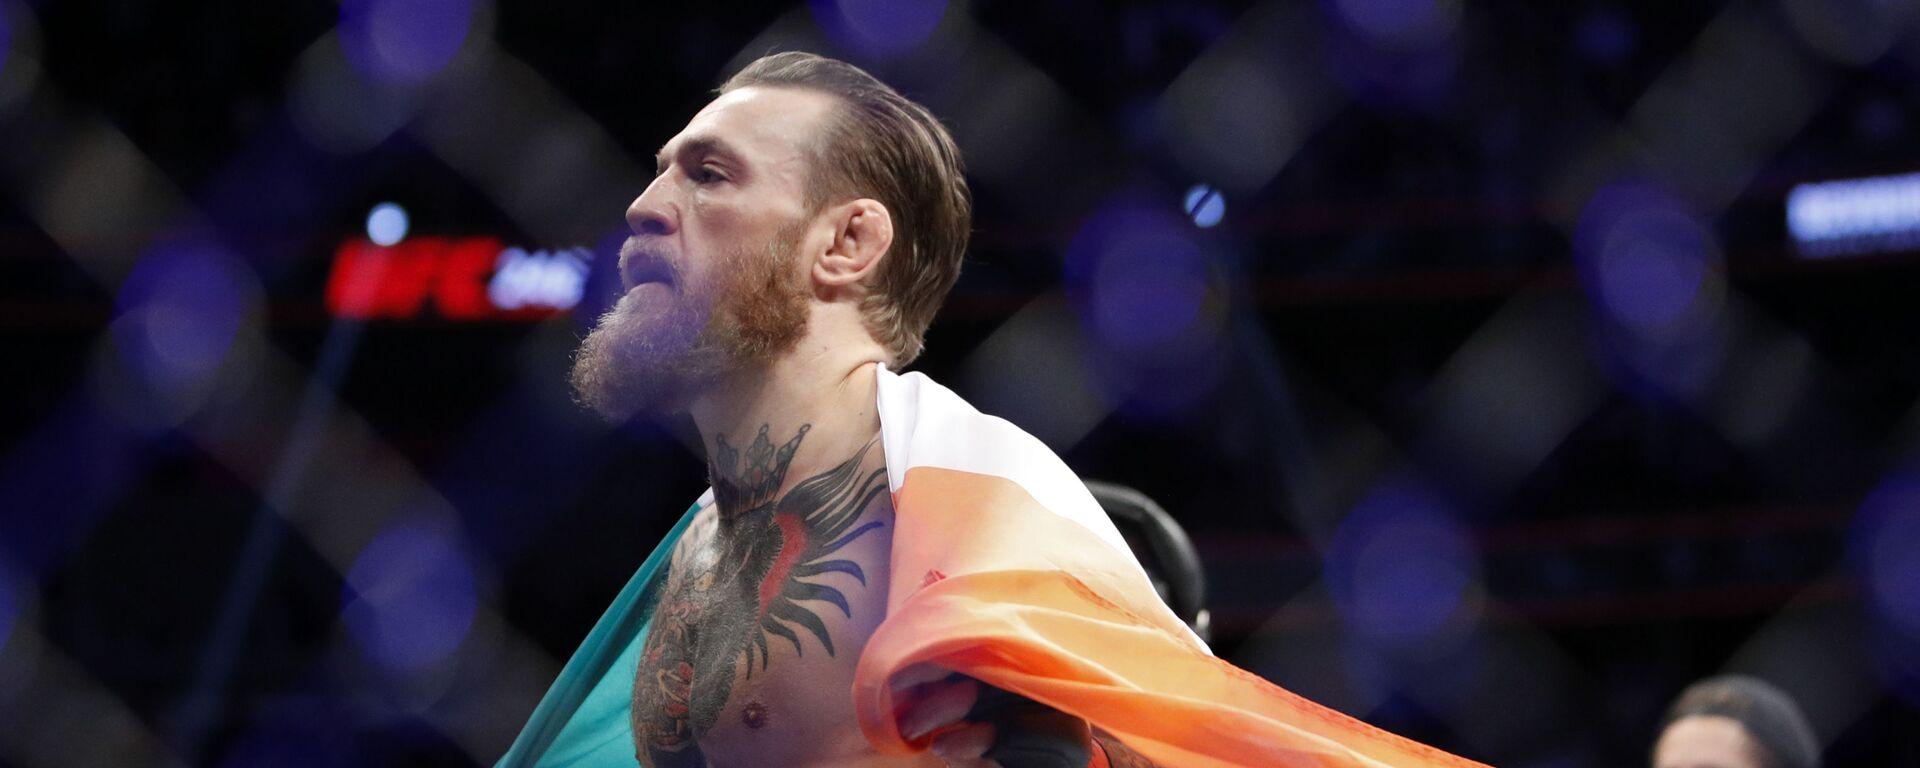 Conor McGregor, luchador irlandés - Sputnik Mundo, 1920, 26.09.2020